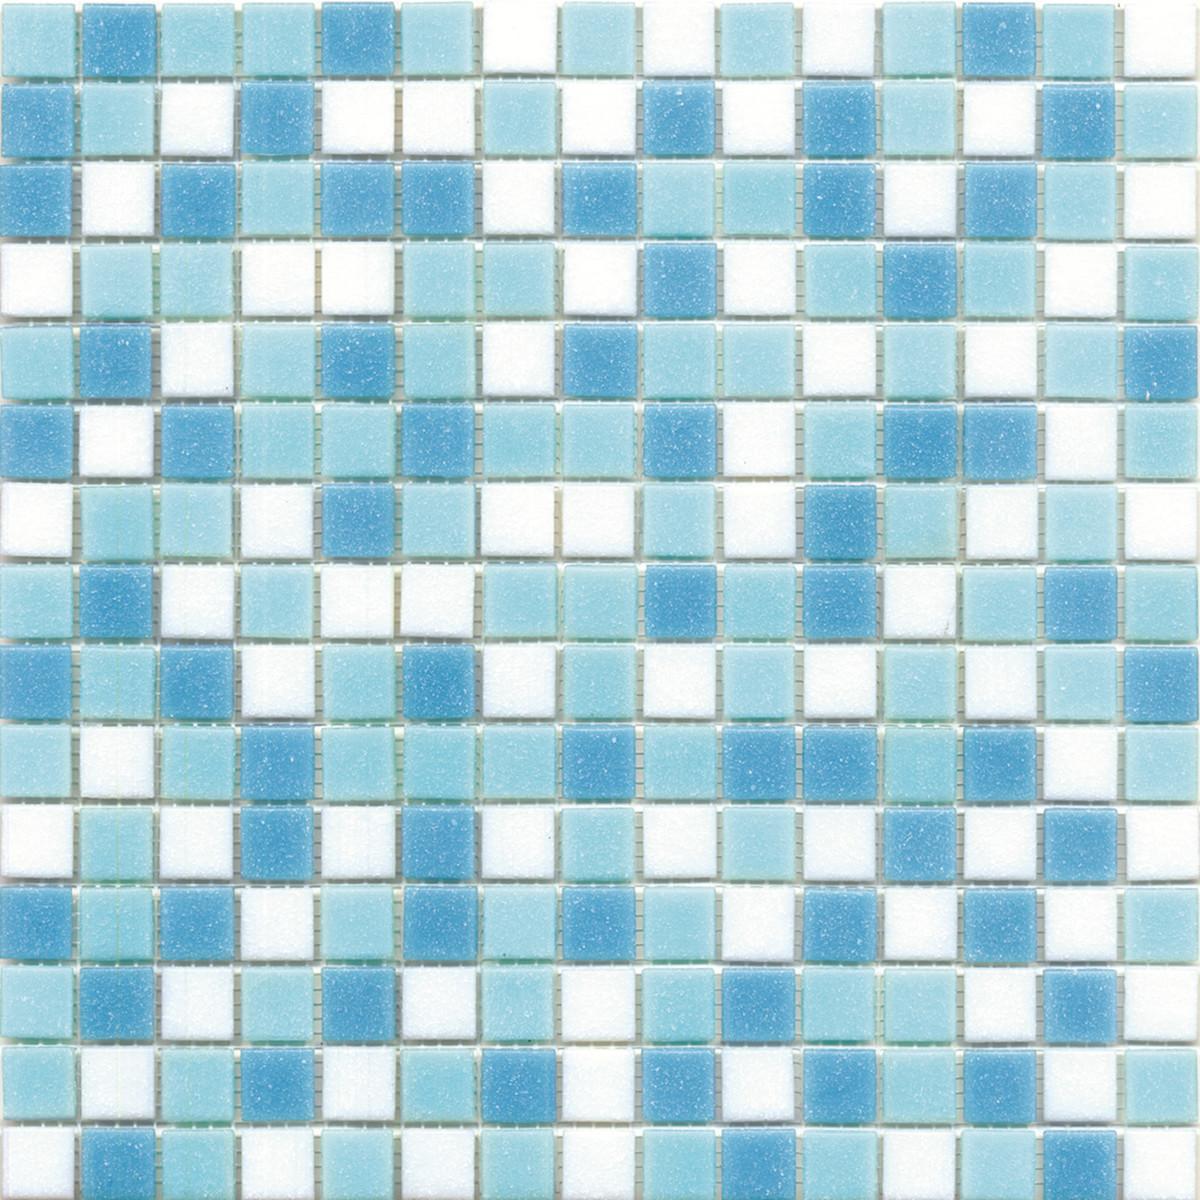 Bagno mosaico azzurro - Piastrelle a mosaico ...